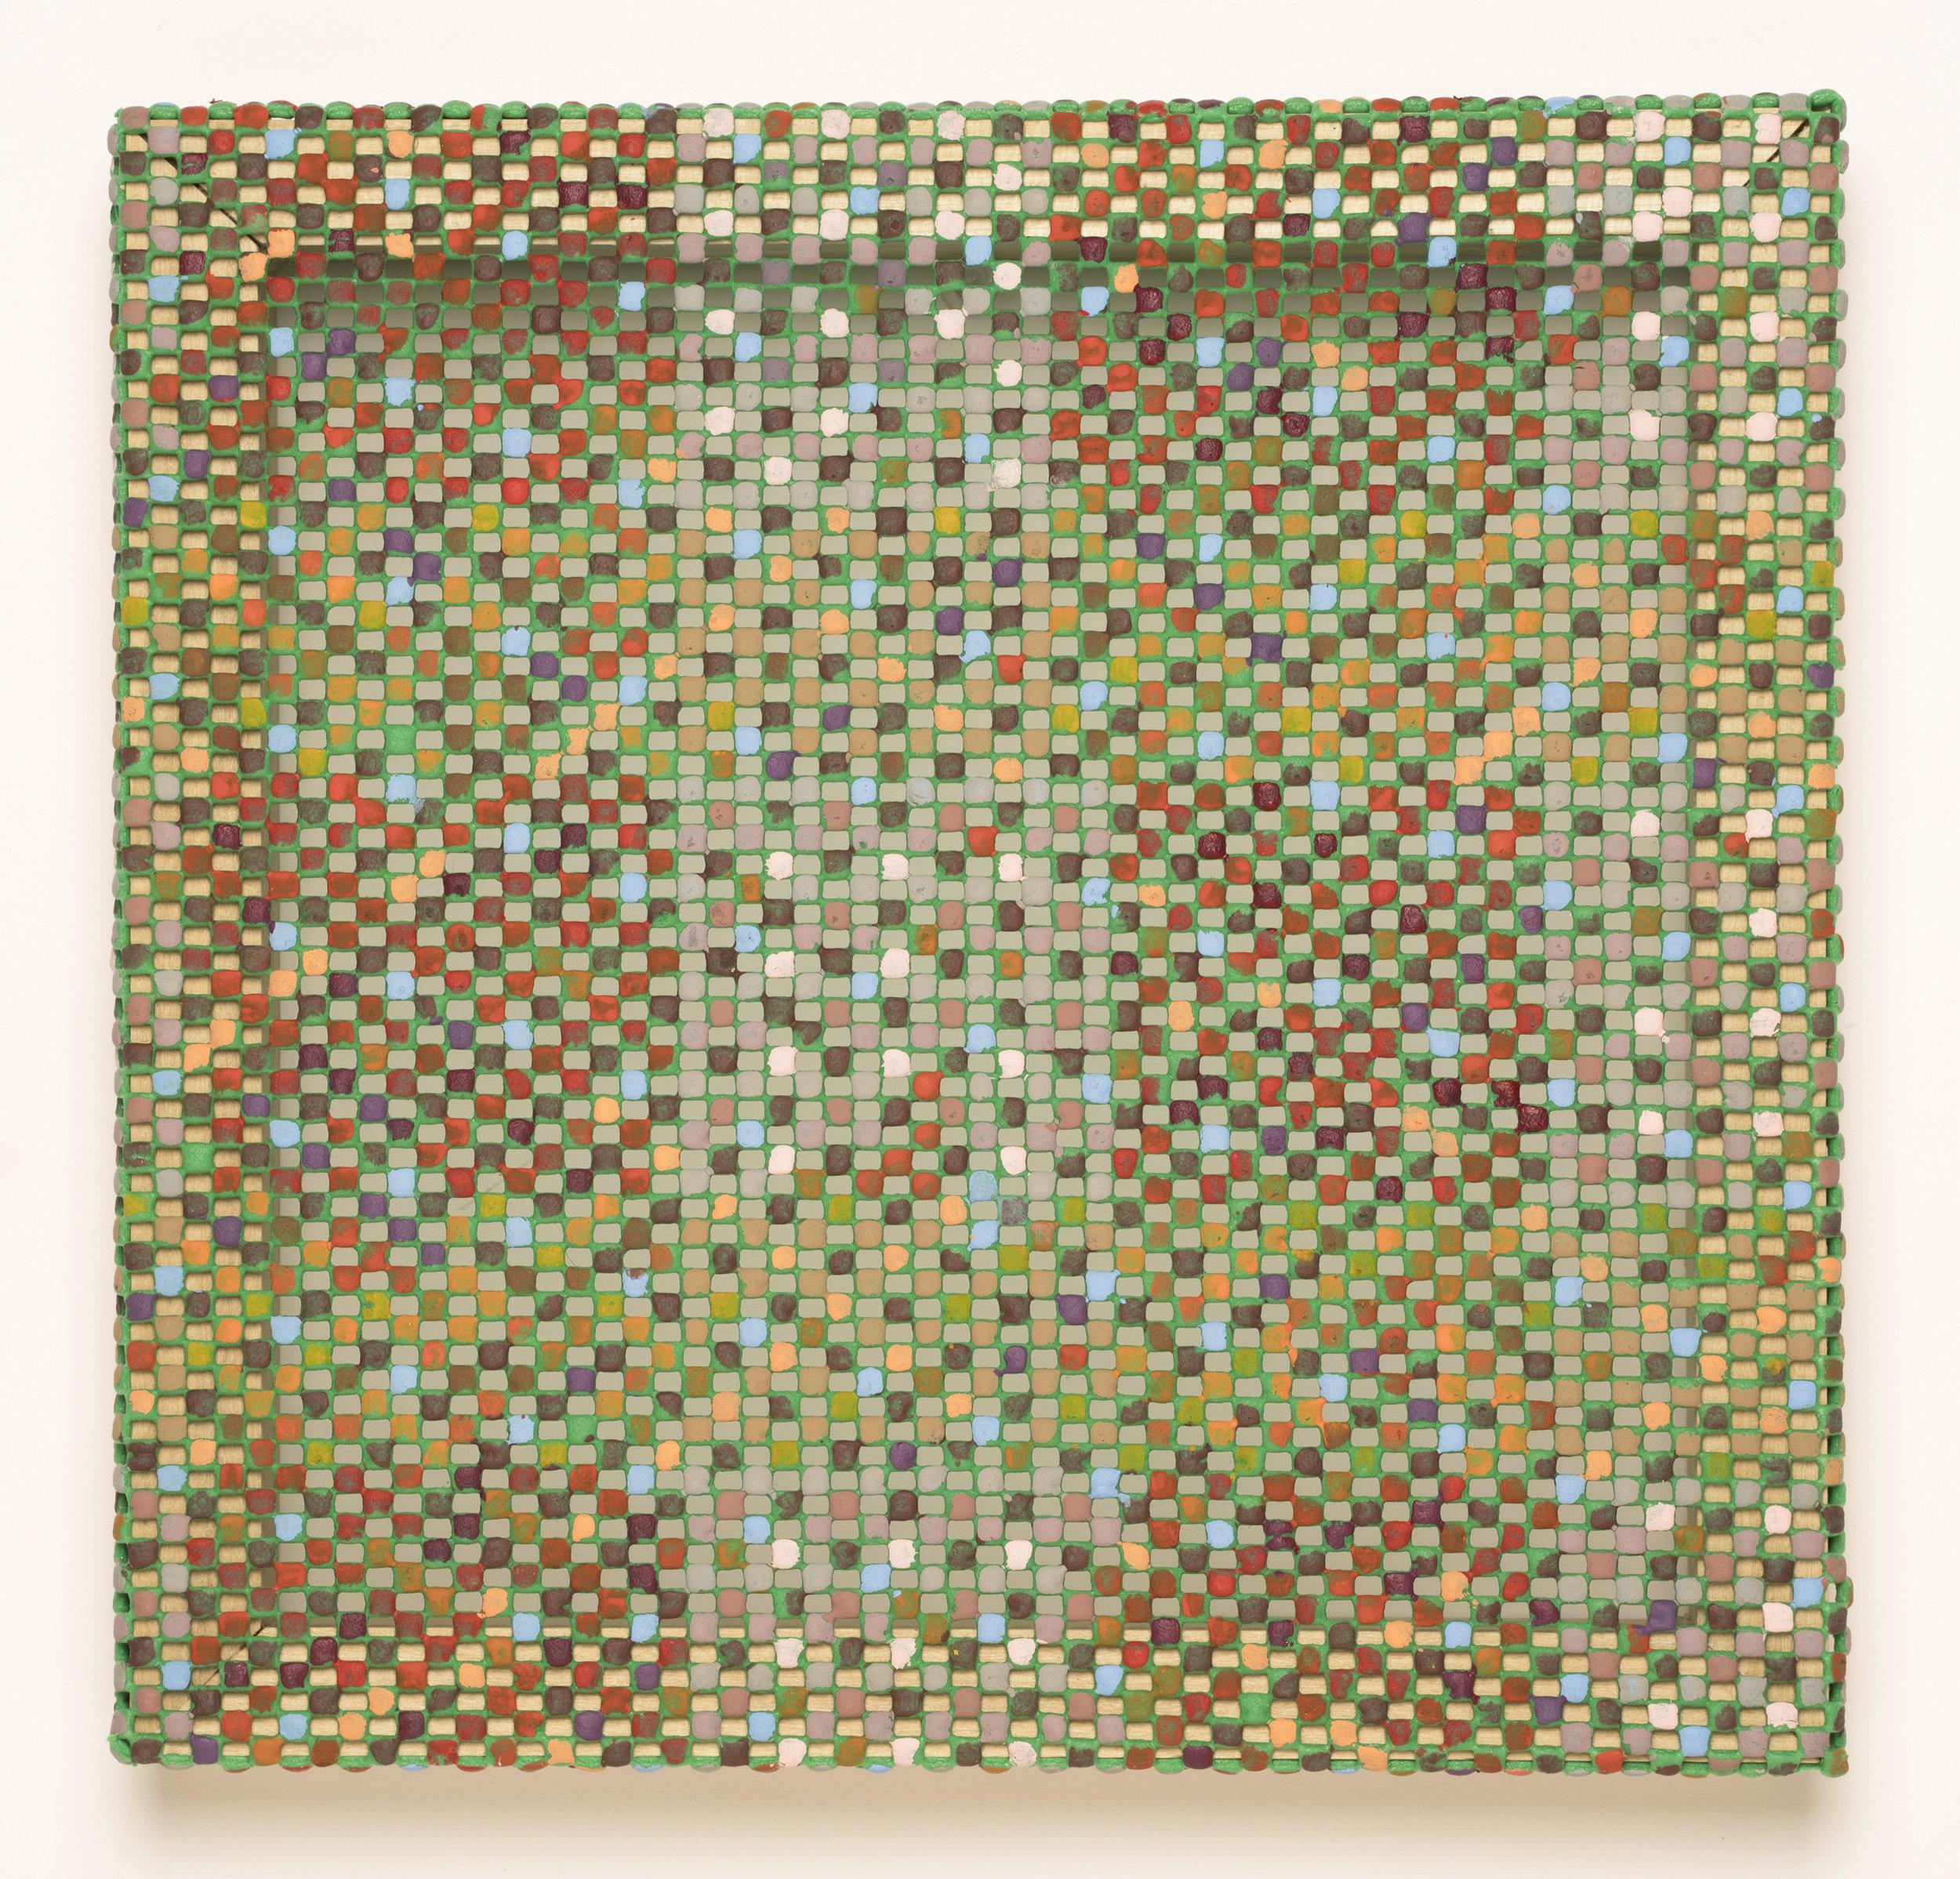 """Plied/Plaid   2017  Acrylic paint, plush rug pad  12"""" x 12"""""""